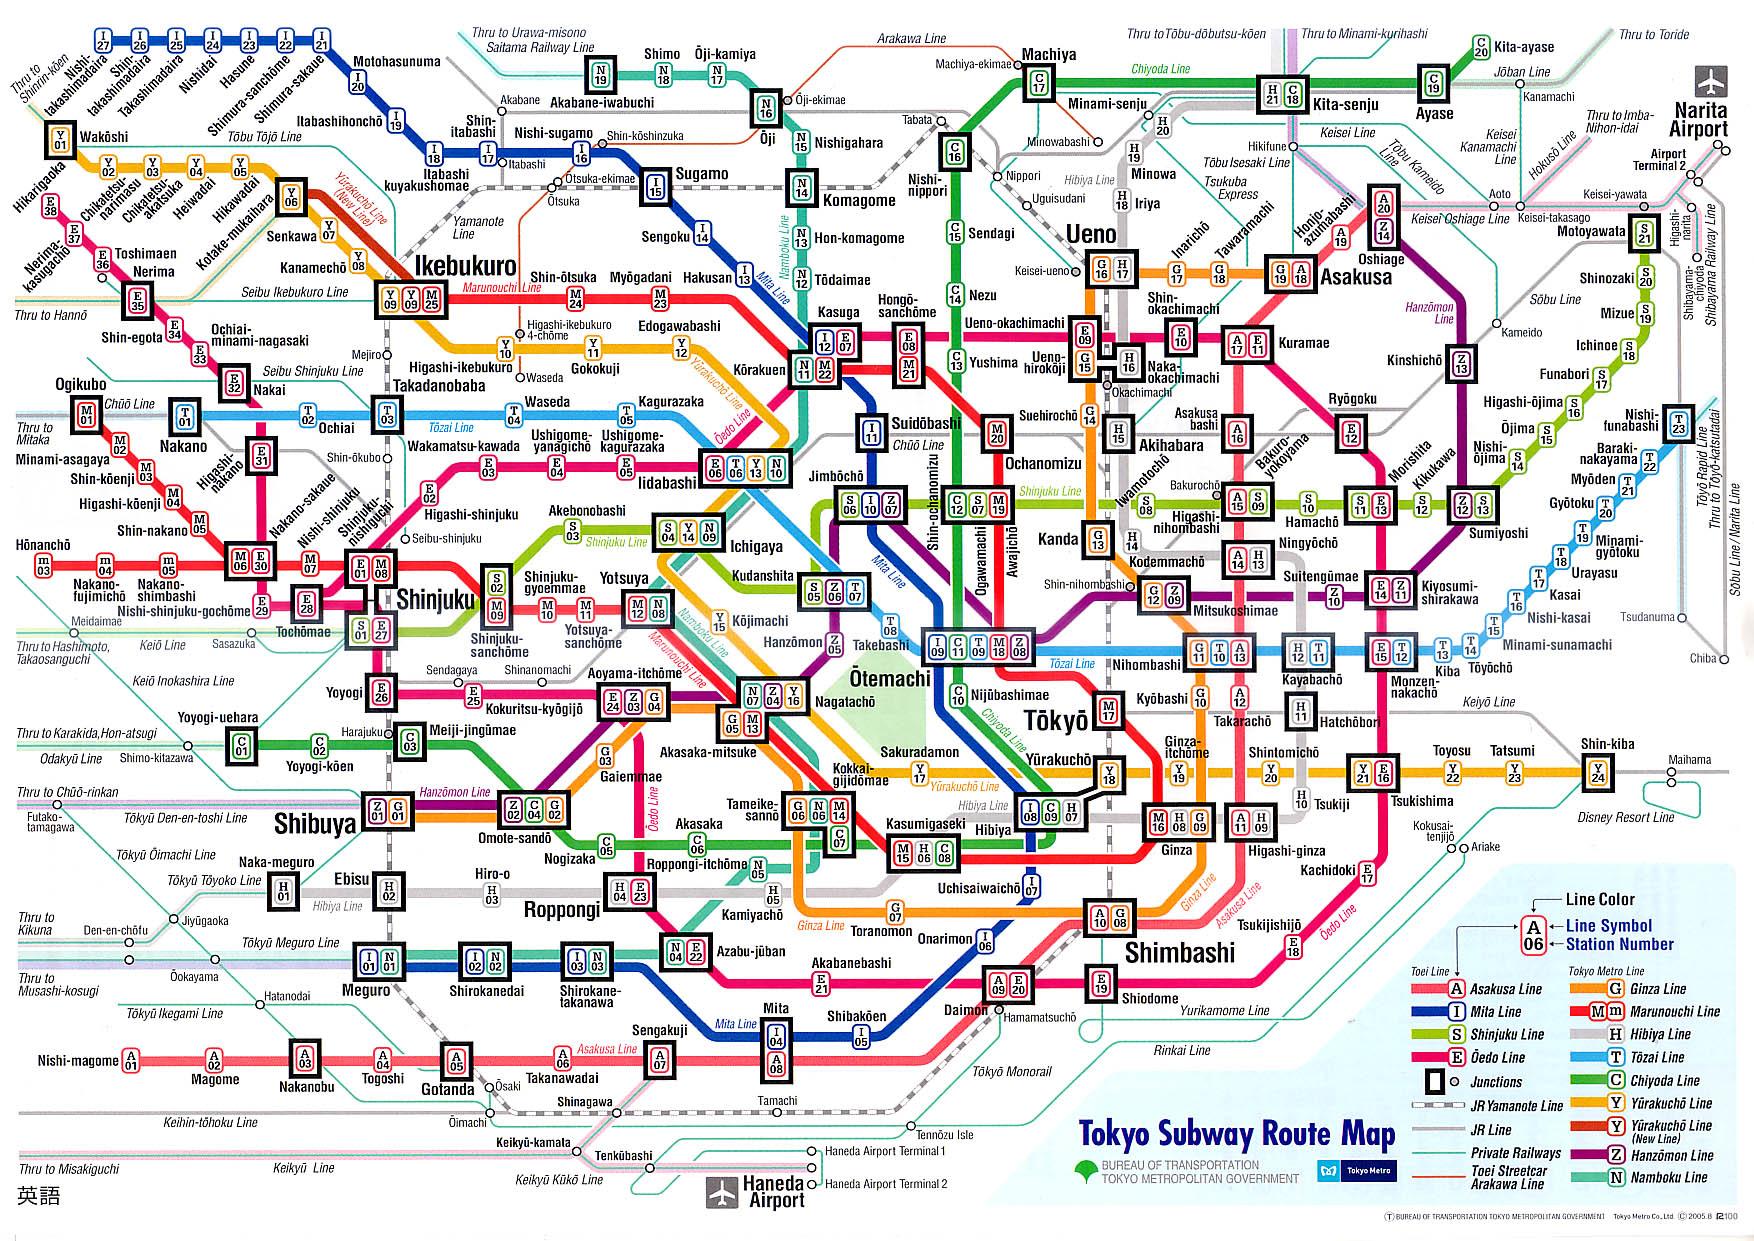 Tokyo subway map 2008 english